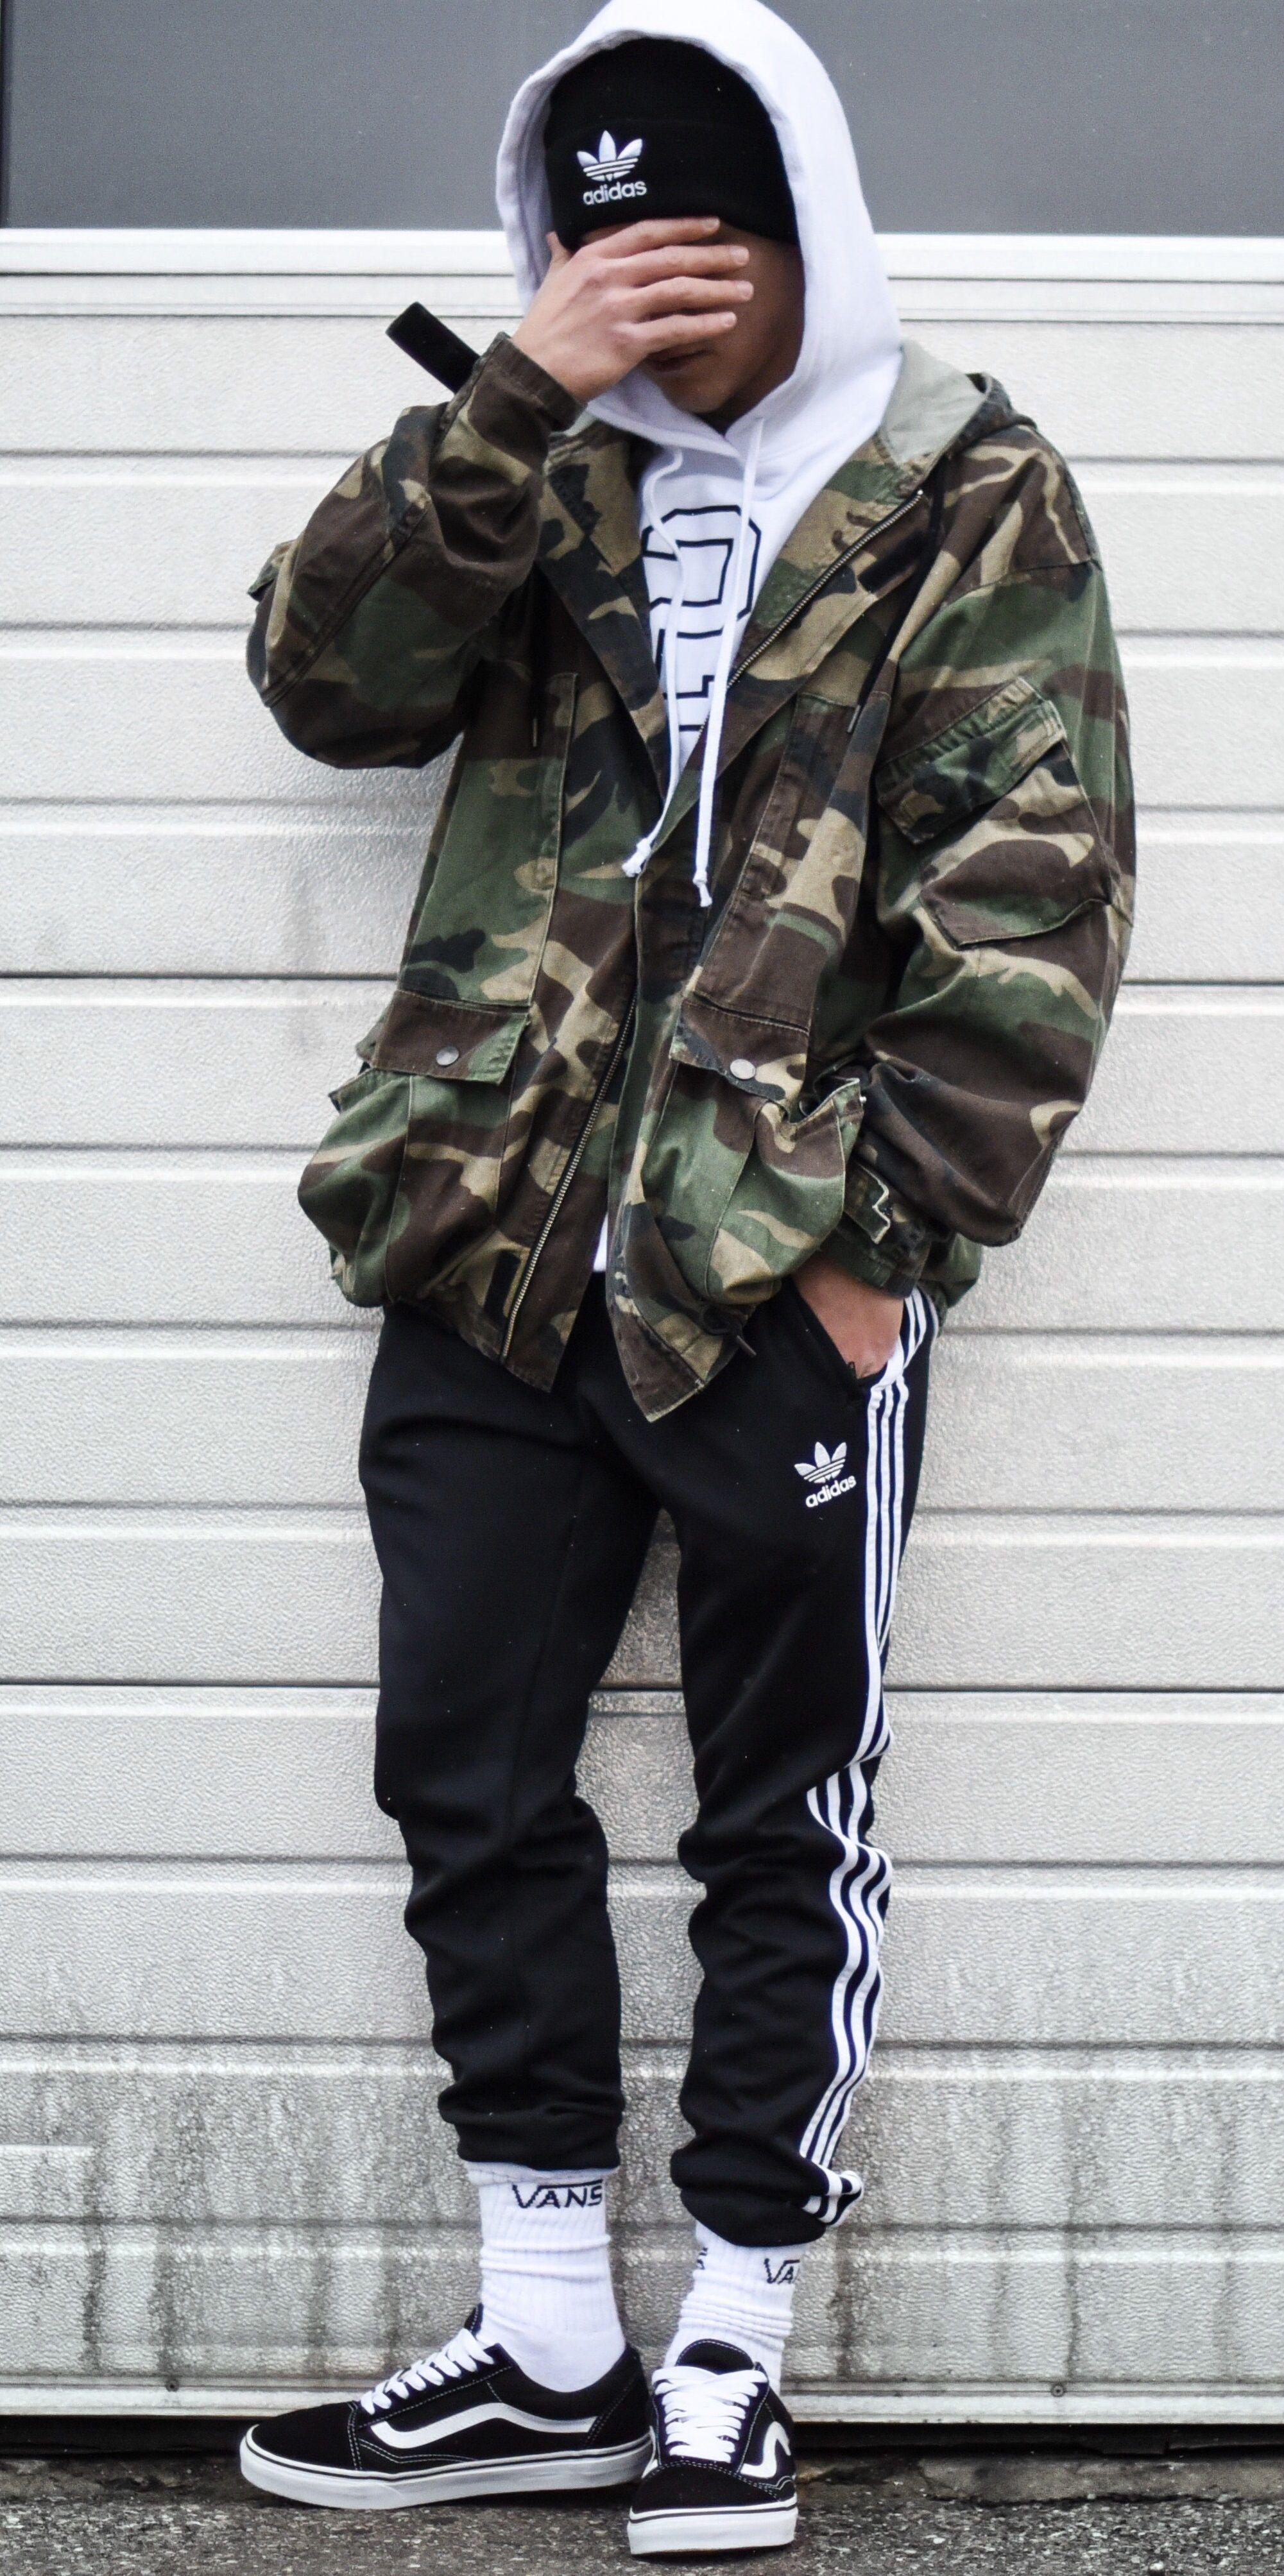 dc907c56df ... bem urbano com essa jaqueta militar sobrepondo uma camiseta branco de  capuz sobre a toca preta. Pra deixar a roupa ainda mais estilosa essa calça  Adidas ...